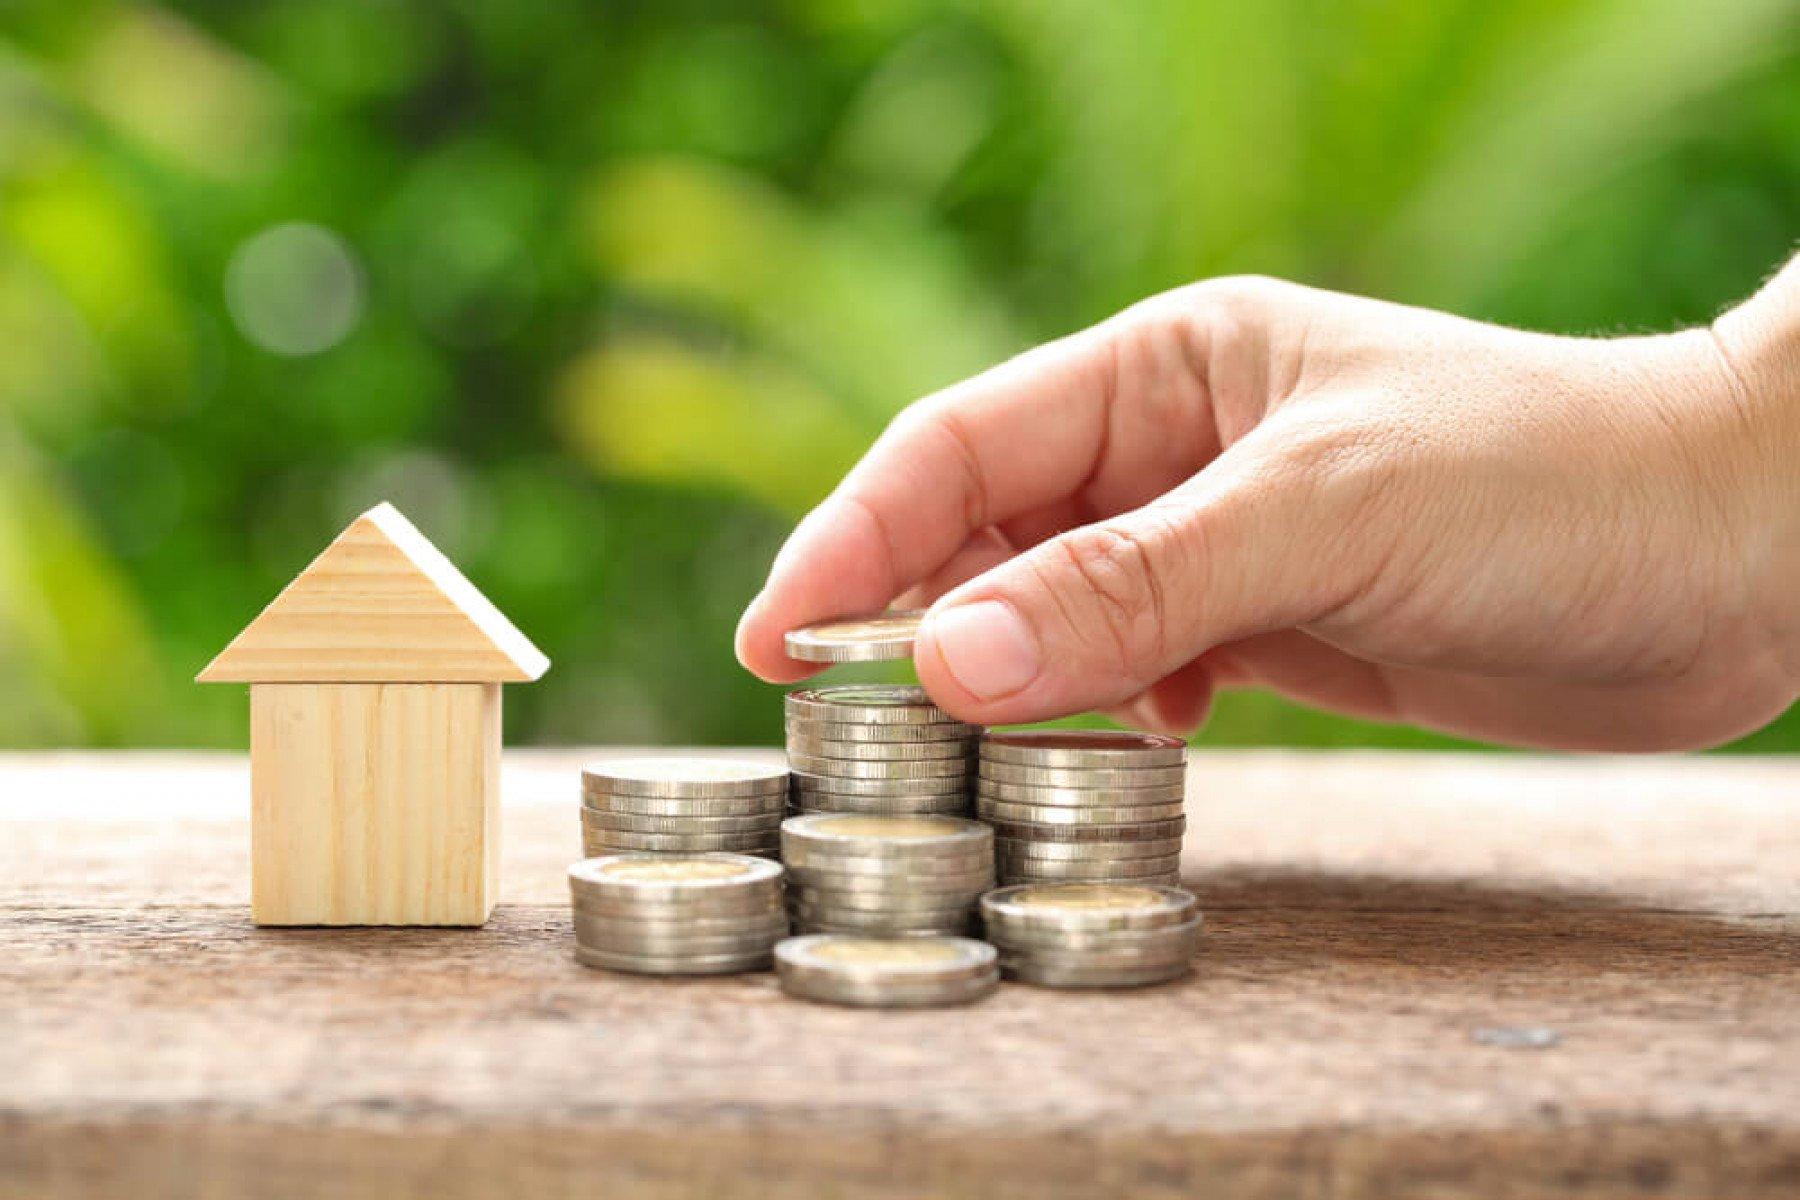 Ett Litet trähus och en hand som staplar mynt i 7 högar på ett bord